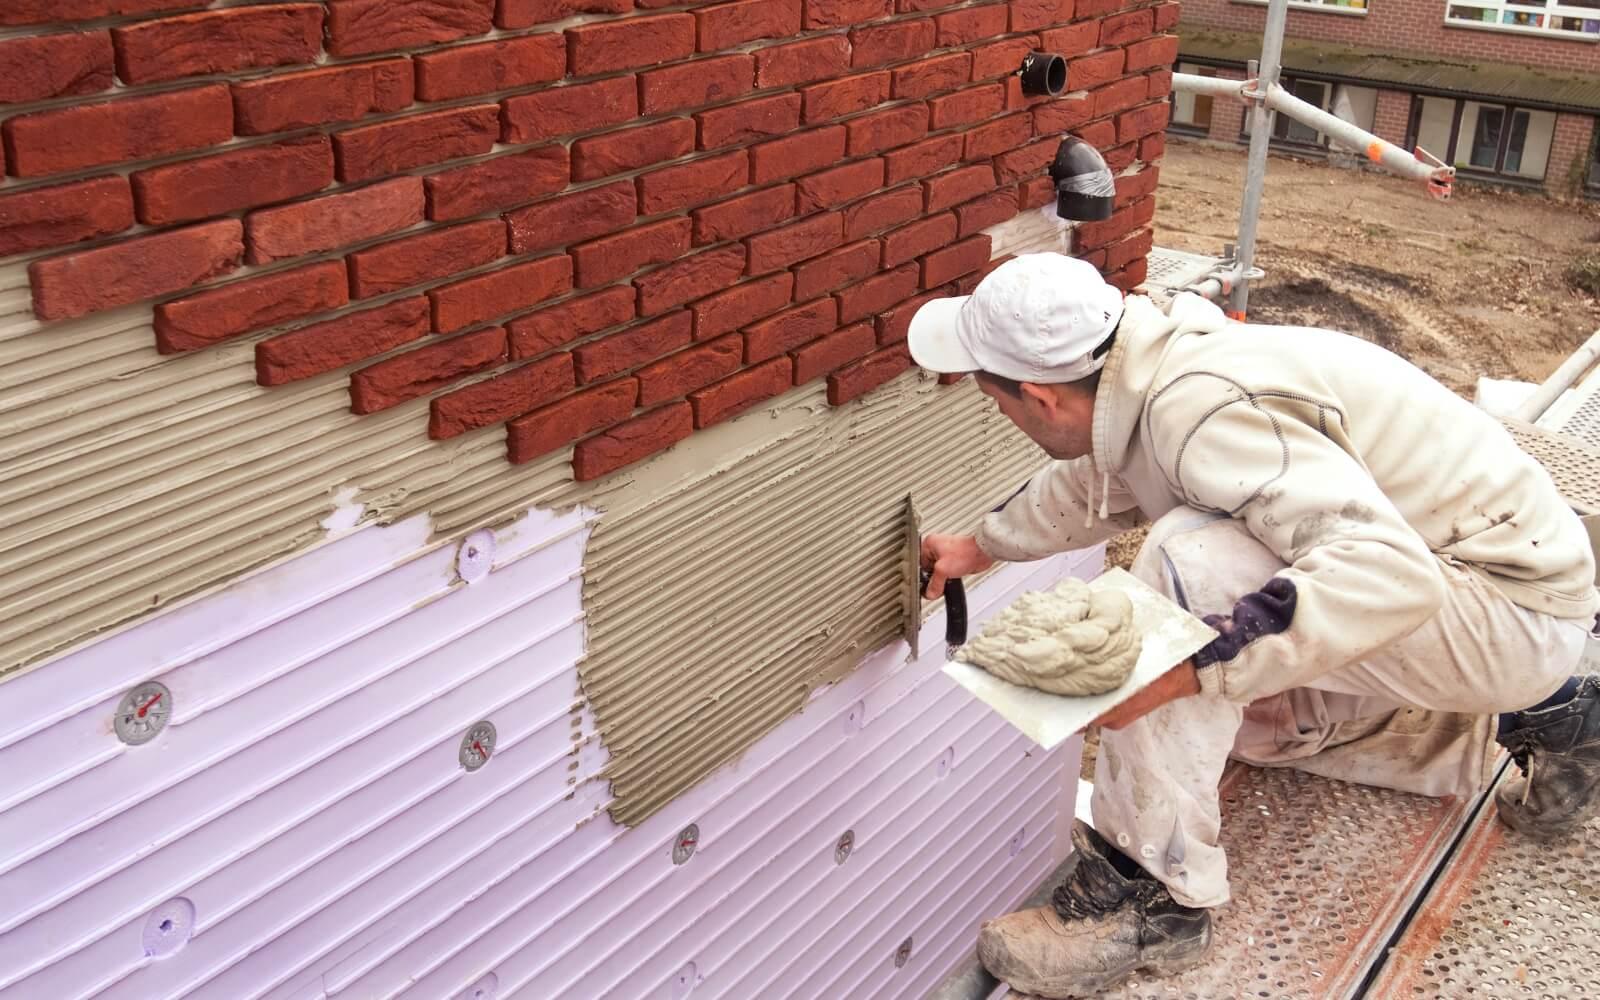 Облицовщик – специалист, занимающийся облицовкой наружных и внутренних поверхностей инженерных сооружений